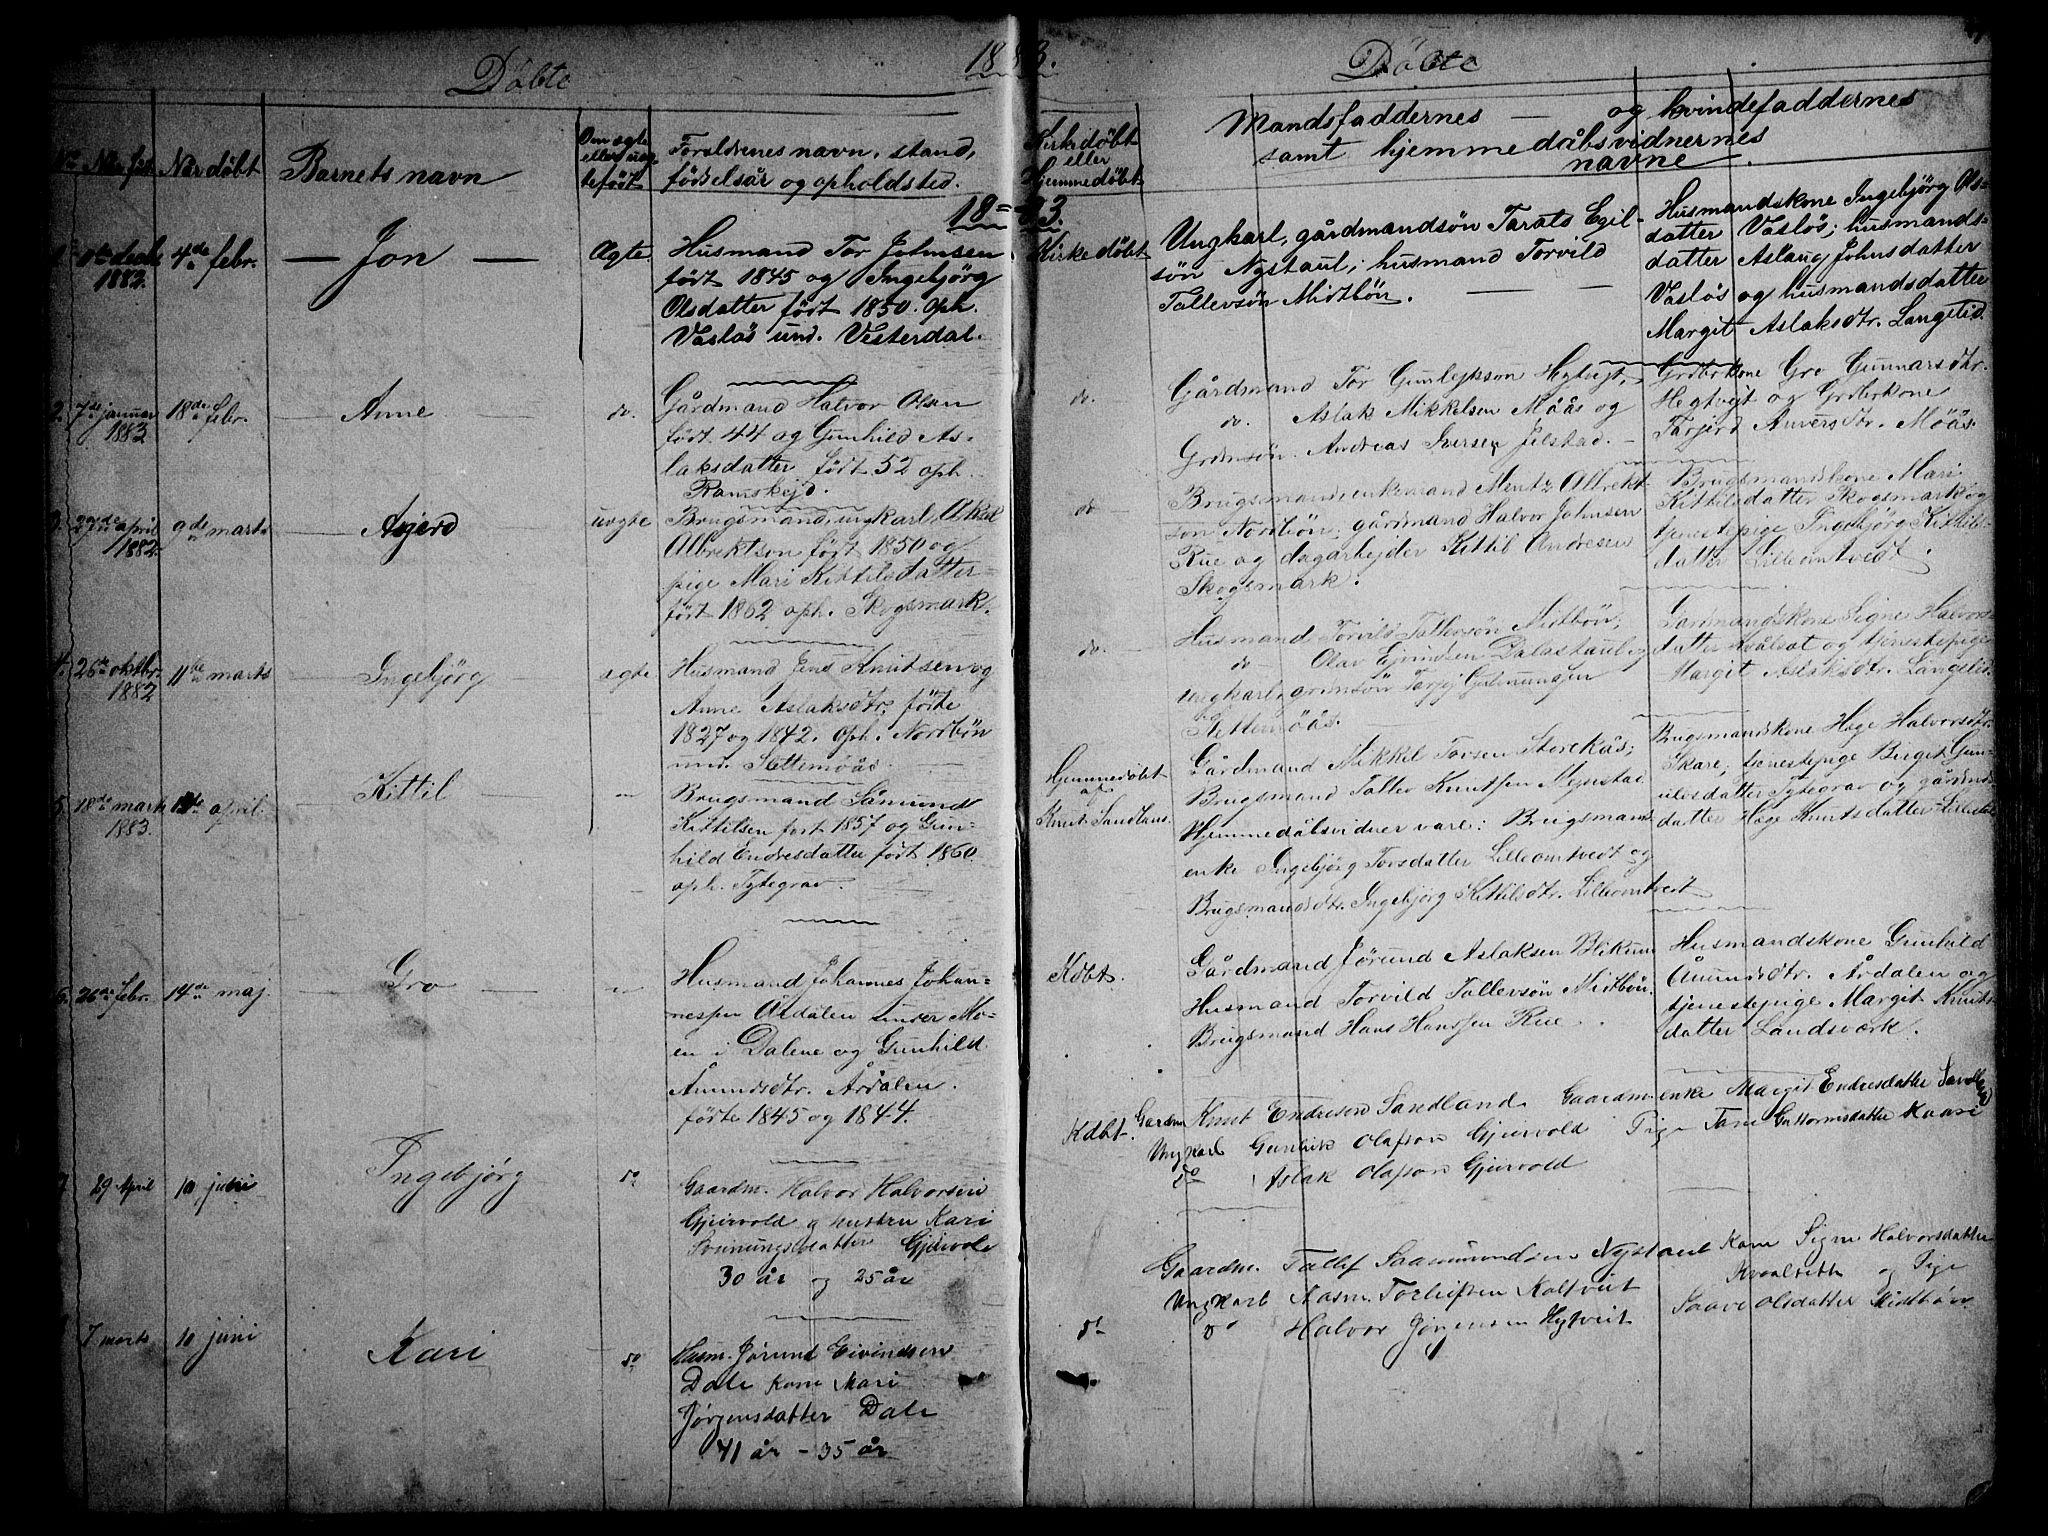 SAKO, Kviteseid kirkebøker, G/Gb/L0002: Klokkerbok nr. II 2, 1850-1892, s. 49